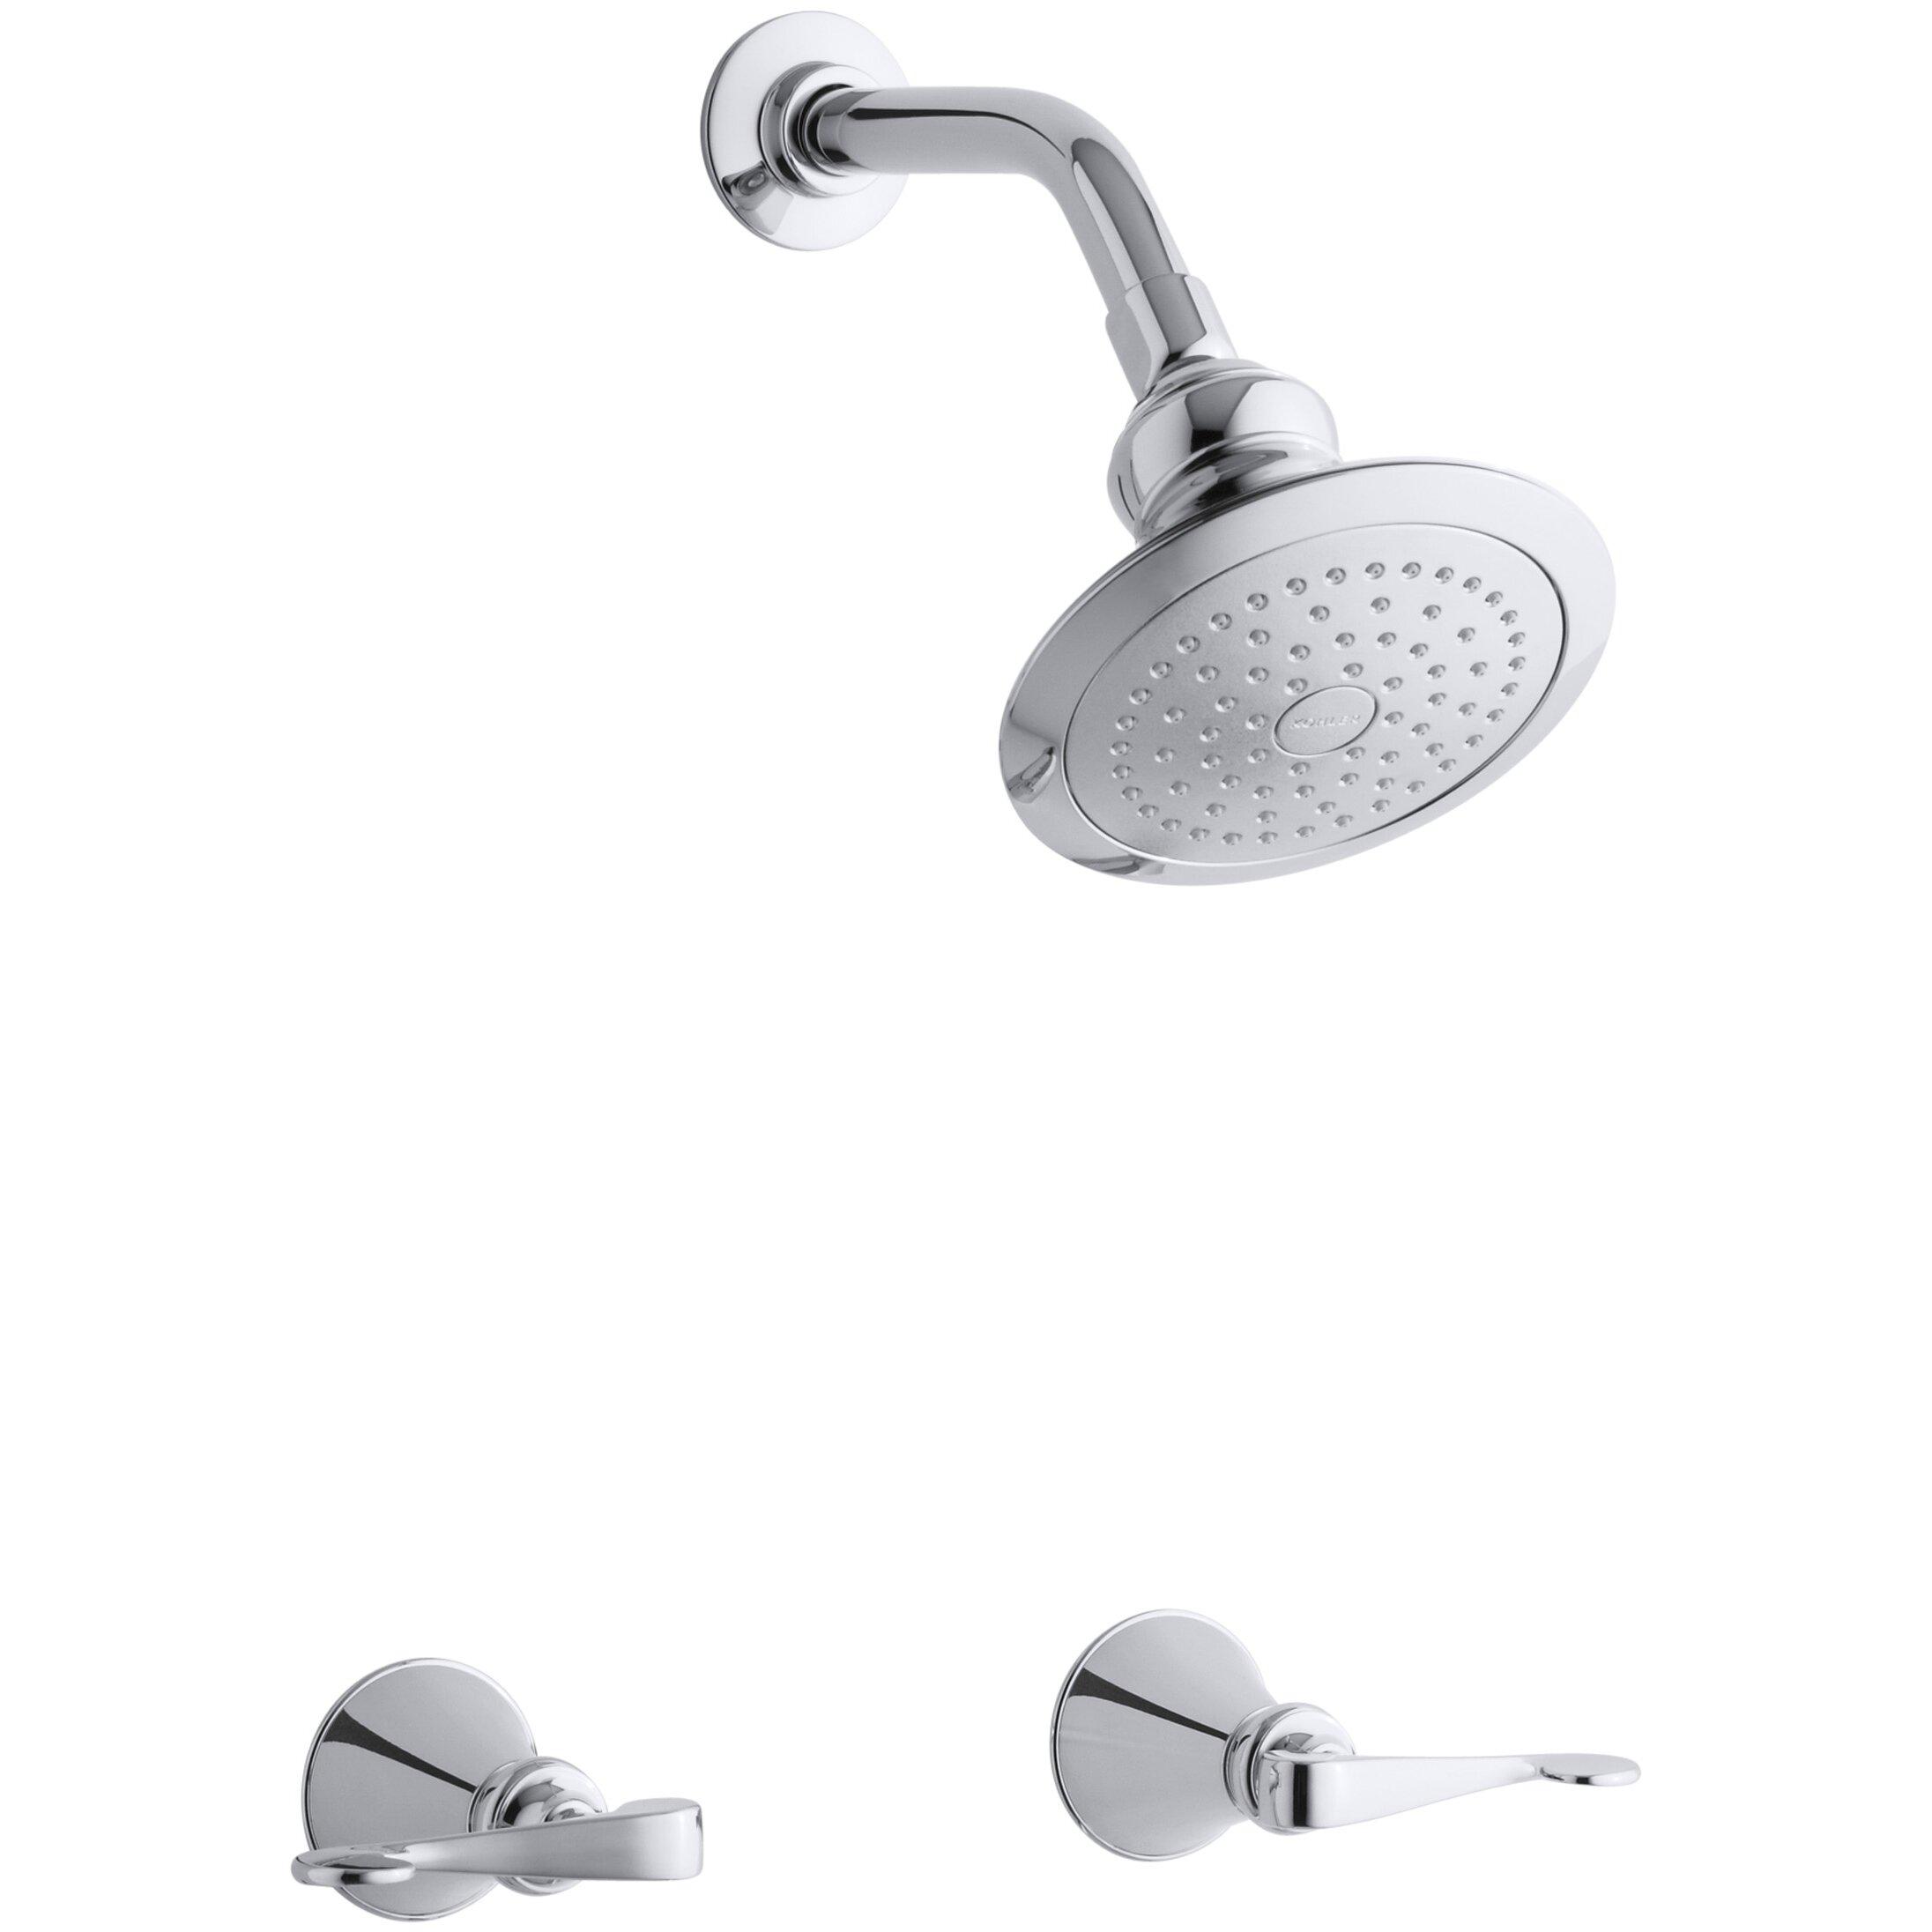 Kohler Revival Kitchen Faucet Kohler Revival Shower Faucet Set With Scroll Lever Handles And